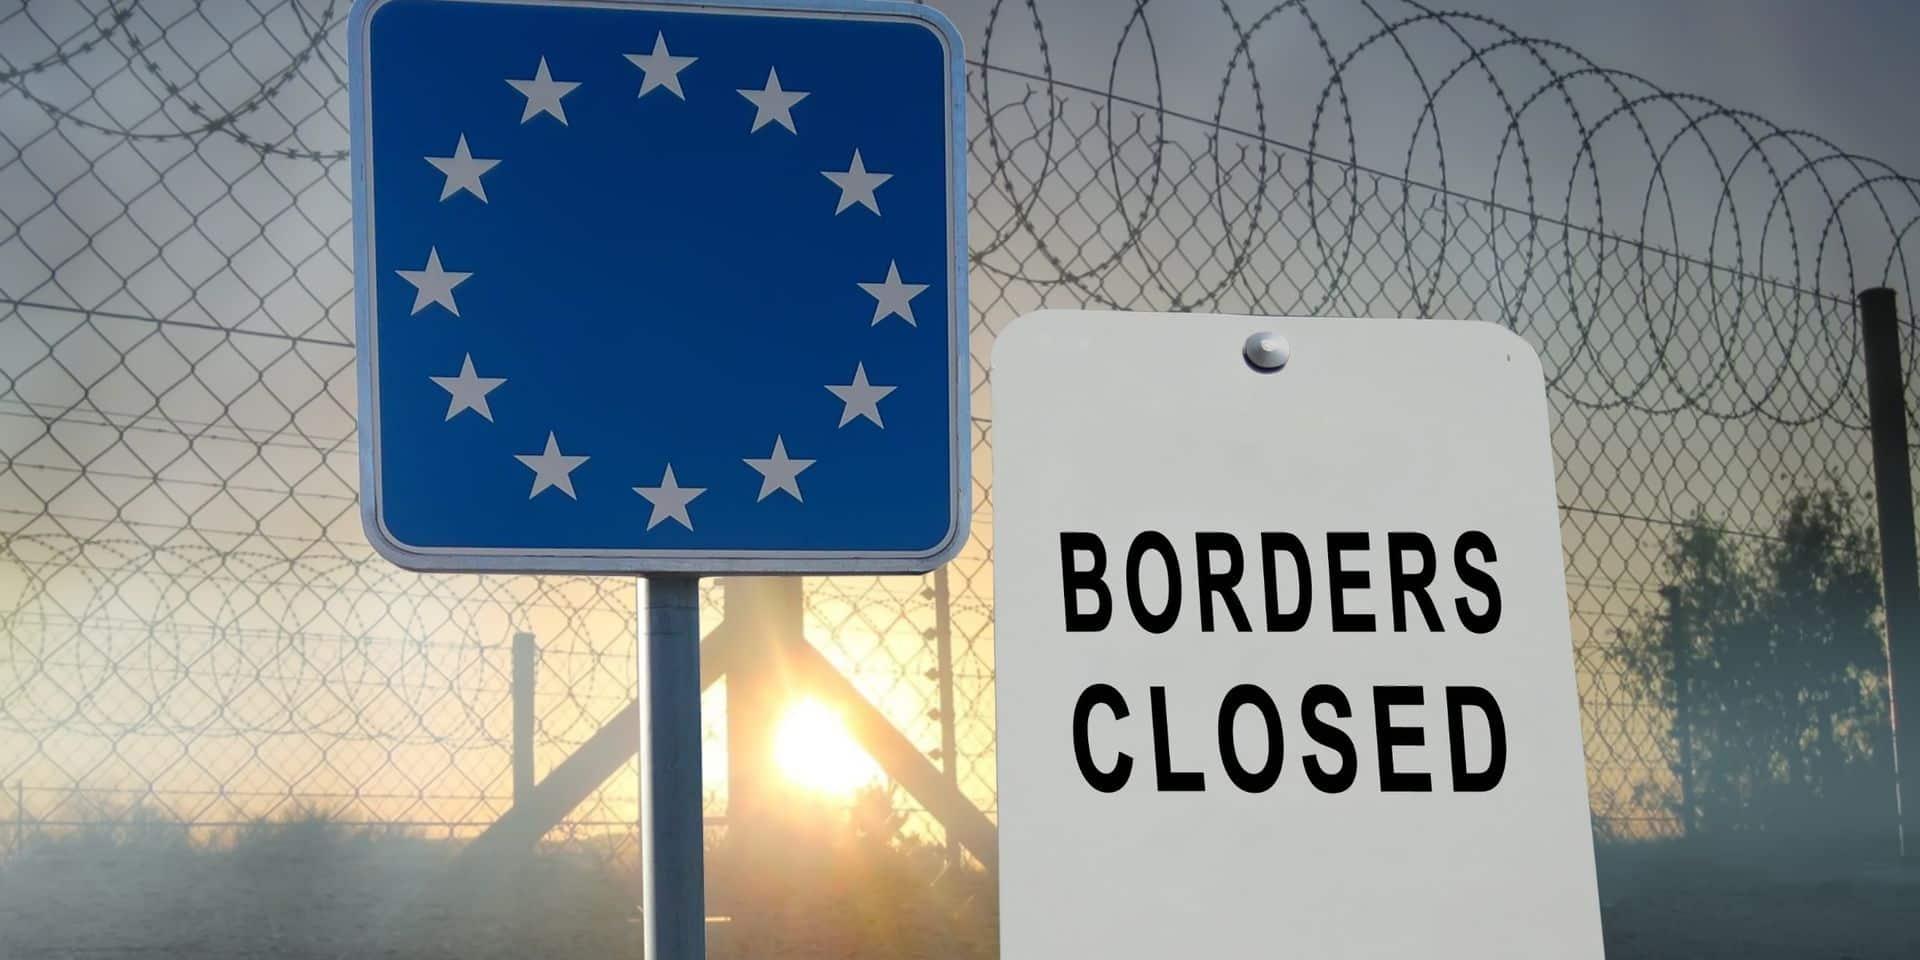 La pandémie s'accélère, mais les frontières doivent rester ouvertes, selon l'OMS